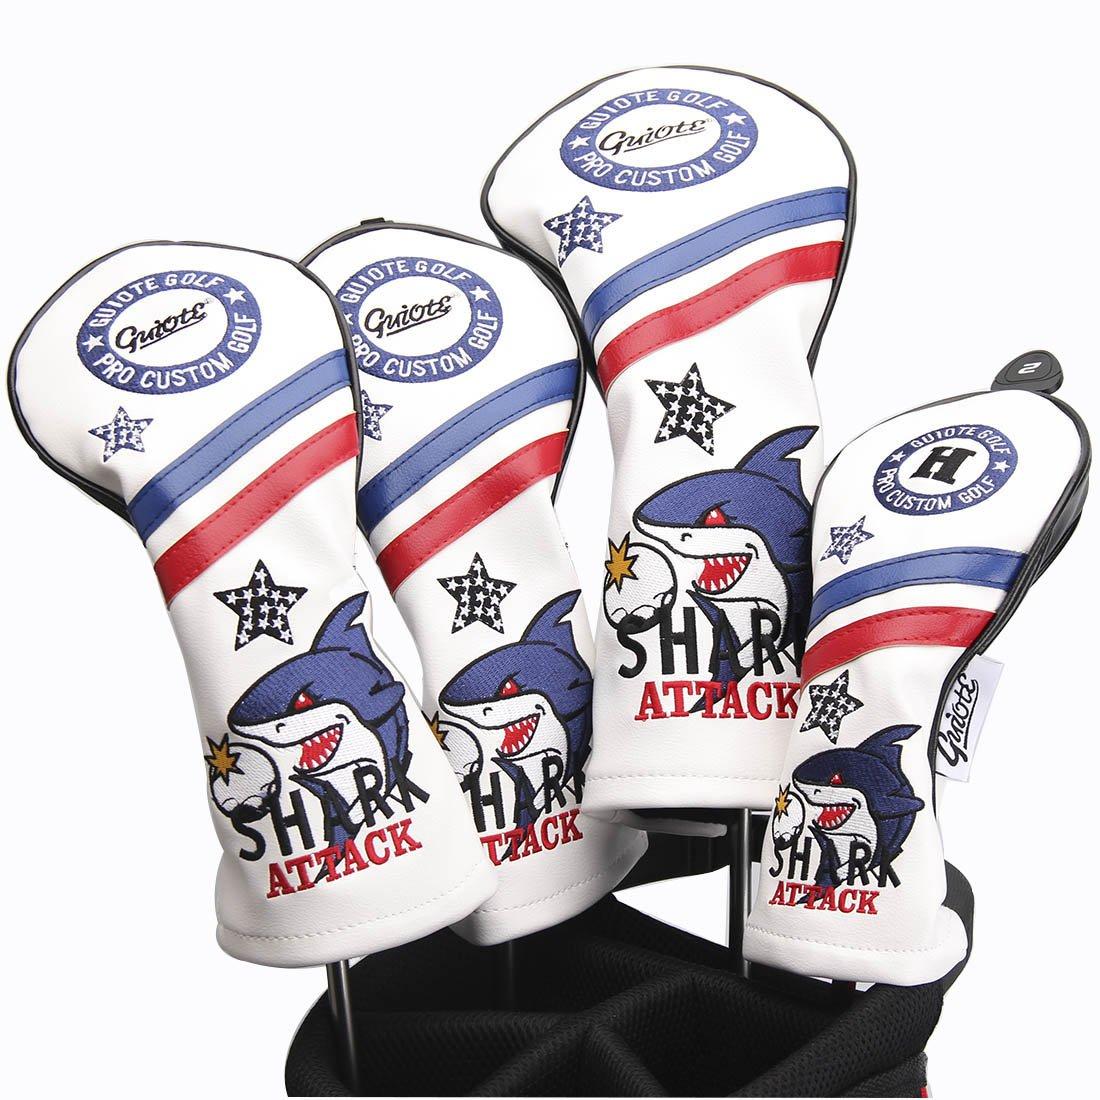 Guiote ゴルフヘッドカバー Golf head covers クラブヘッドカバー ウッドカバー ドライバー 新デザイン 交換可能な番号タグ付き(#2.#3.#4.#5.X) 4個セット B076NYD73P SHARK-White SHARK-White